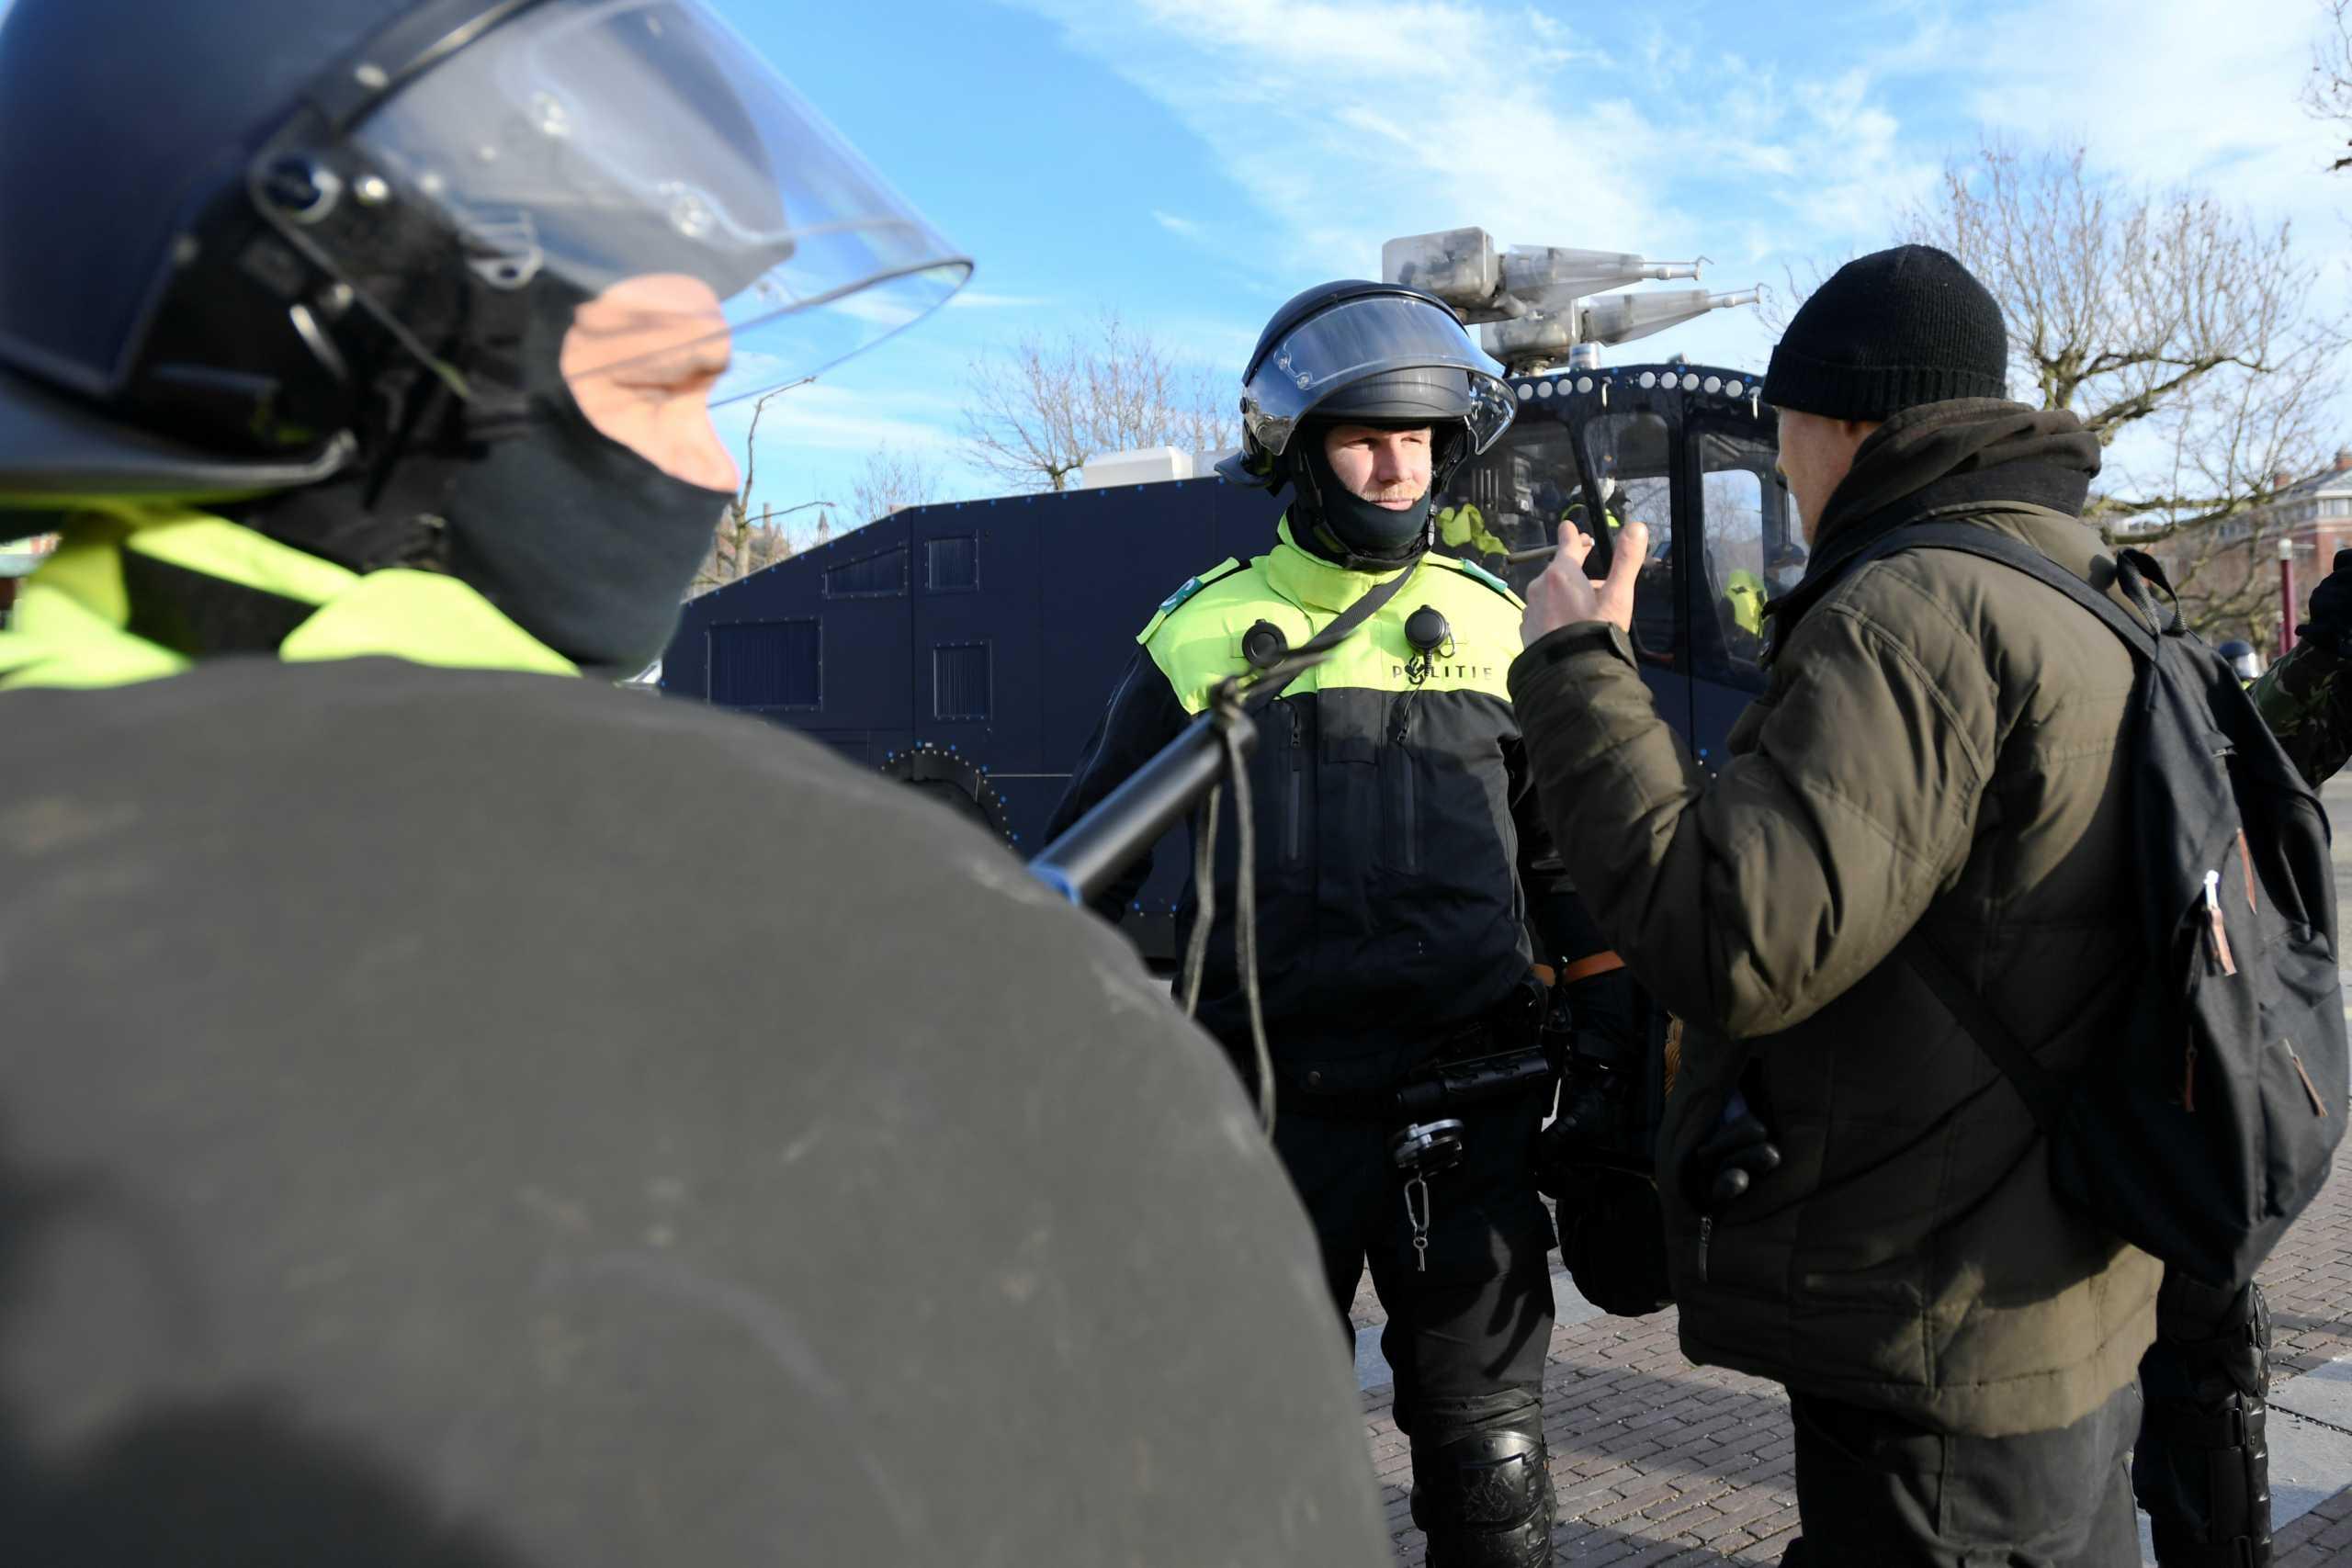 Ολλανδία: Καταδίωξη με πυροβολισμούς μετά από ληστεία – Νεκρός ένας ύποπτος